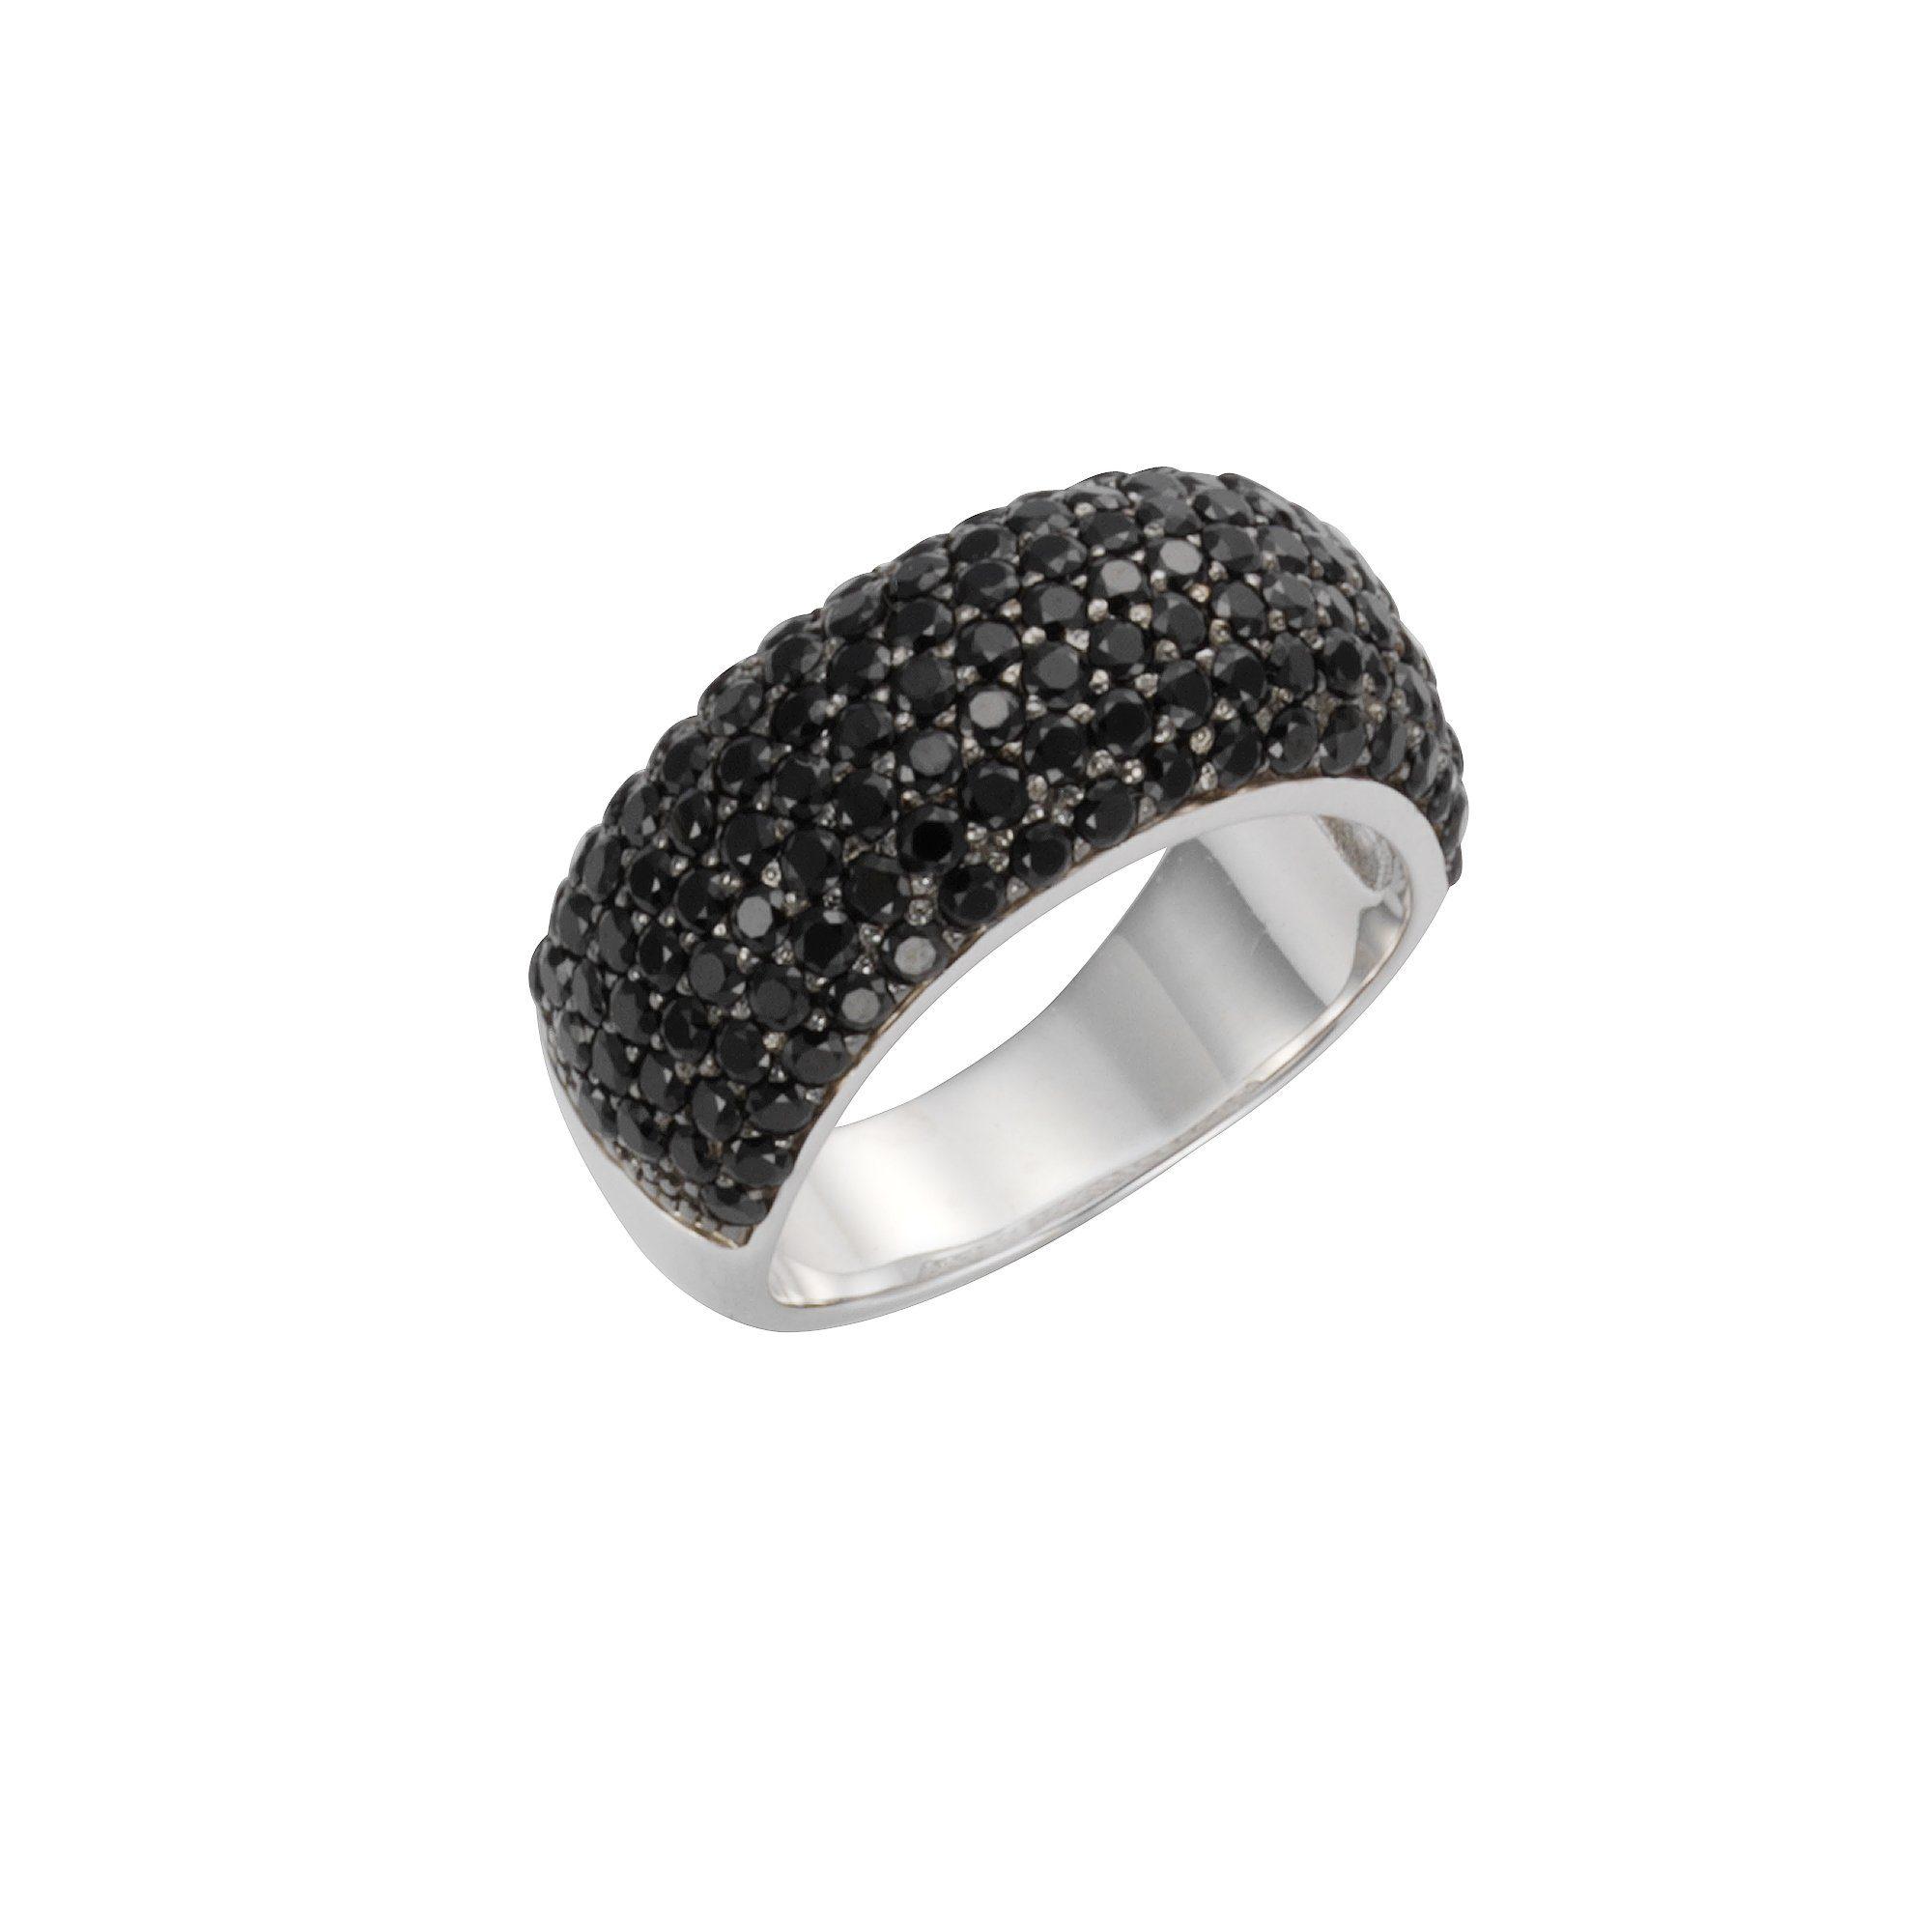 CELESTA Ring 925/- Sterling Silber synth. Spinell schwarz | Schmuck > Ringe > Silberringe | Celesta